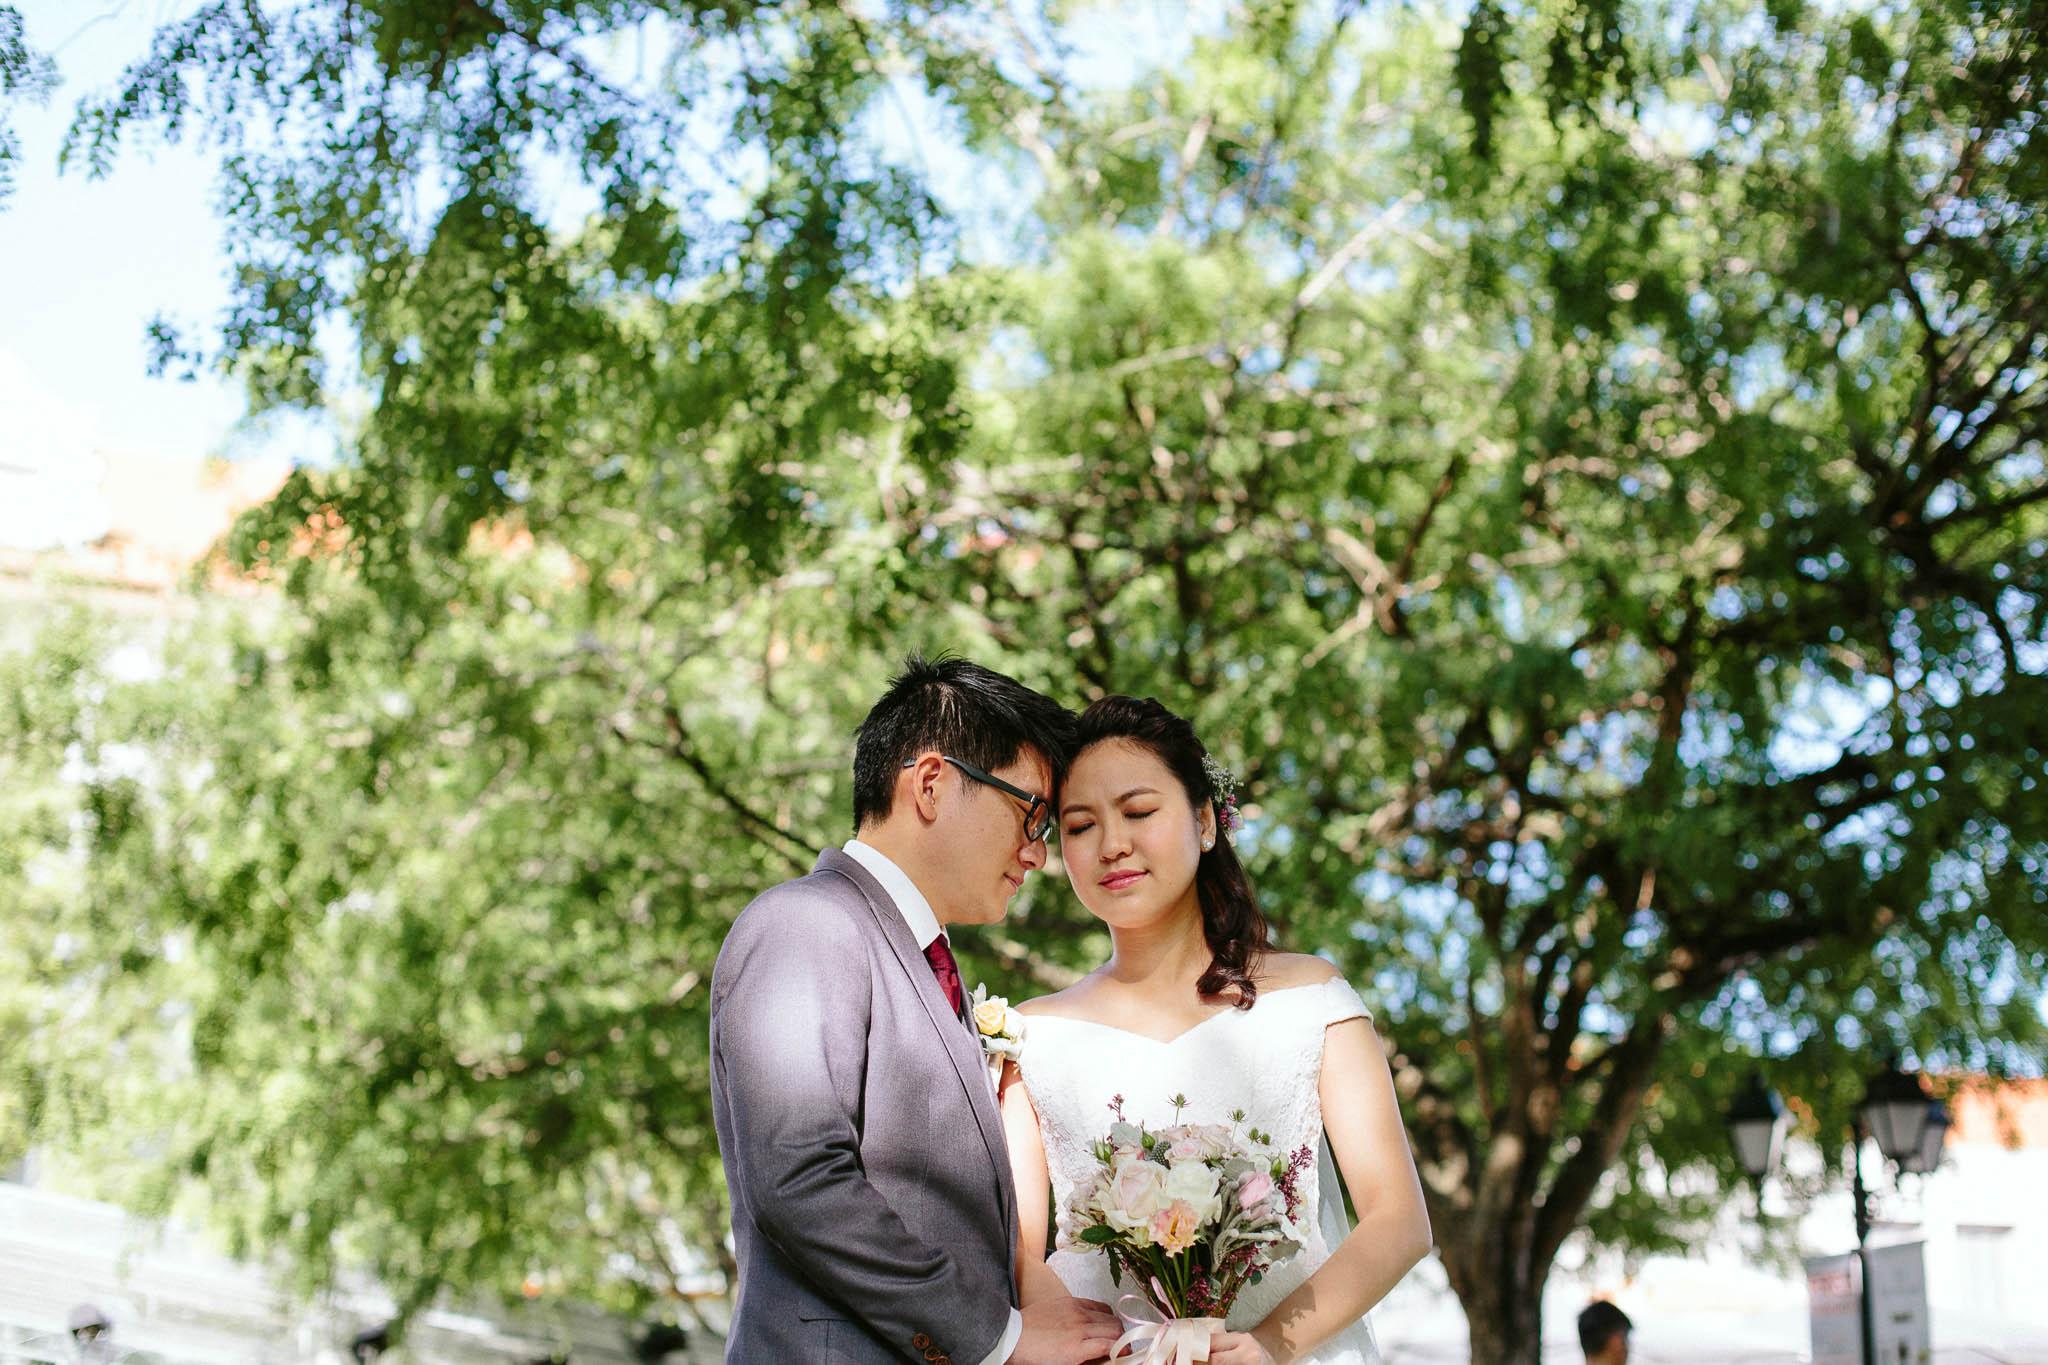 singapore-wedding-photographer-zhongwei-shihui-030.jpg